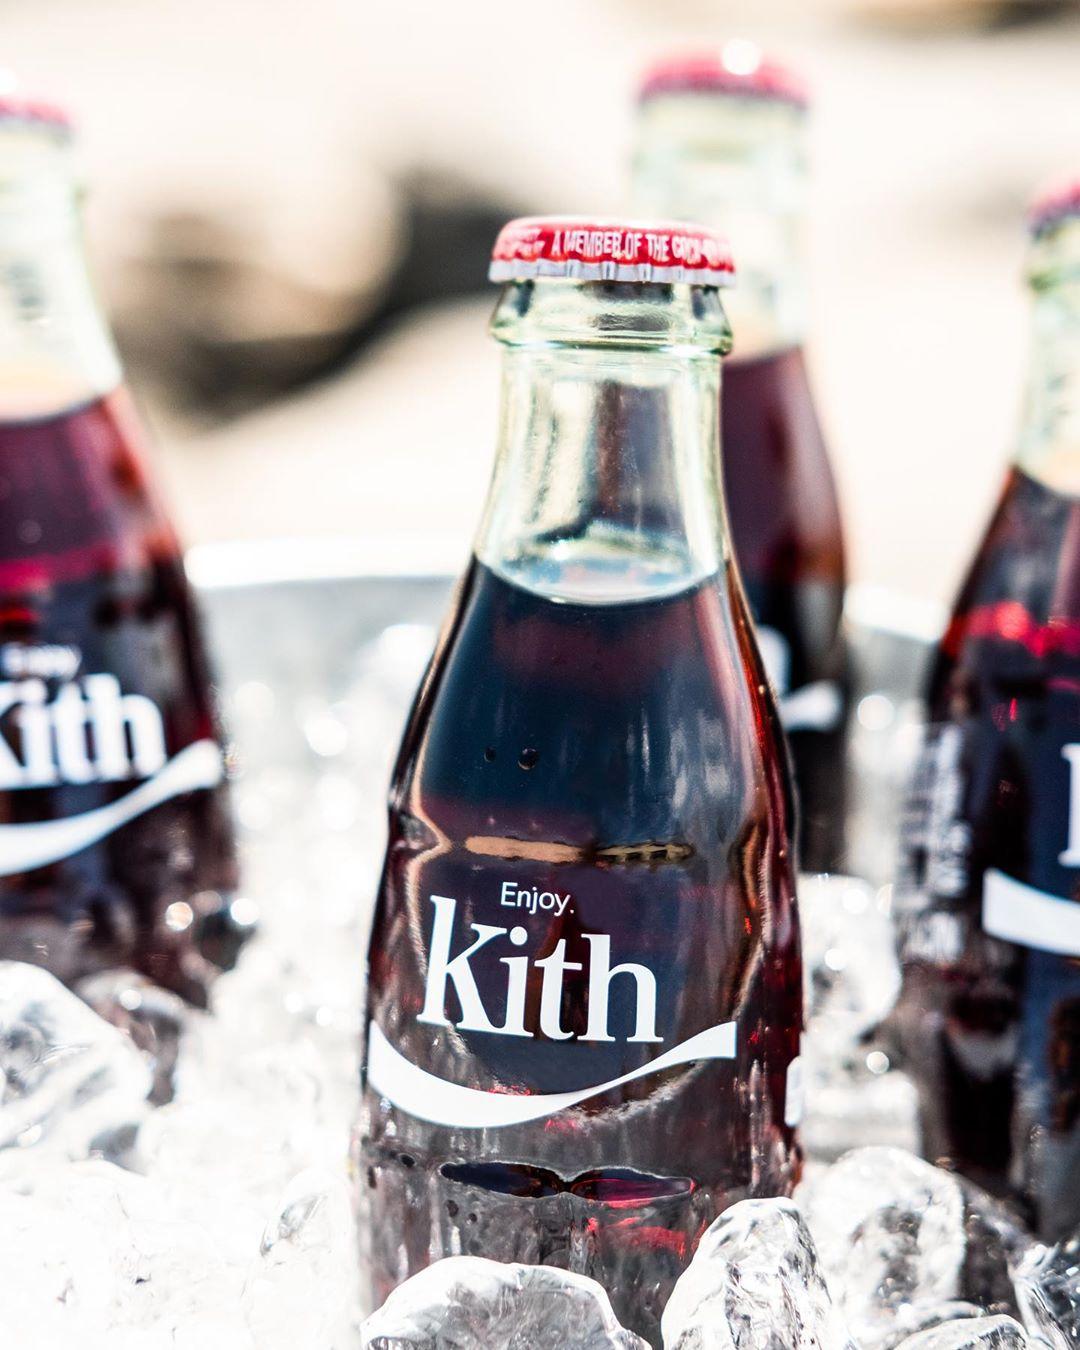 Kith,Converse,Chuck 70s  Kith x Converse 联名系列再度来袭!还有亲友限定首度曝光!